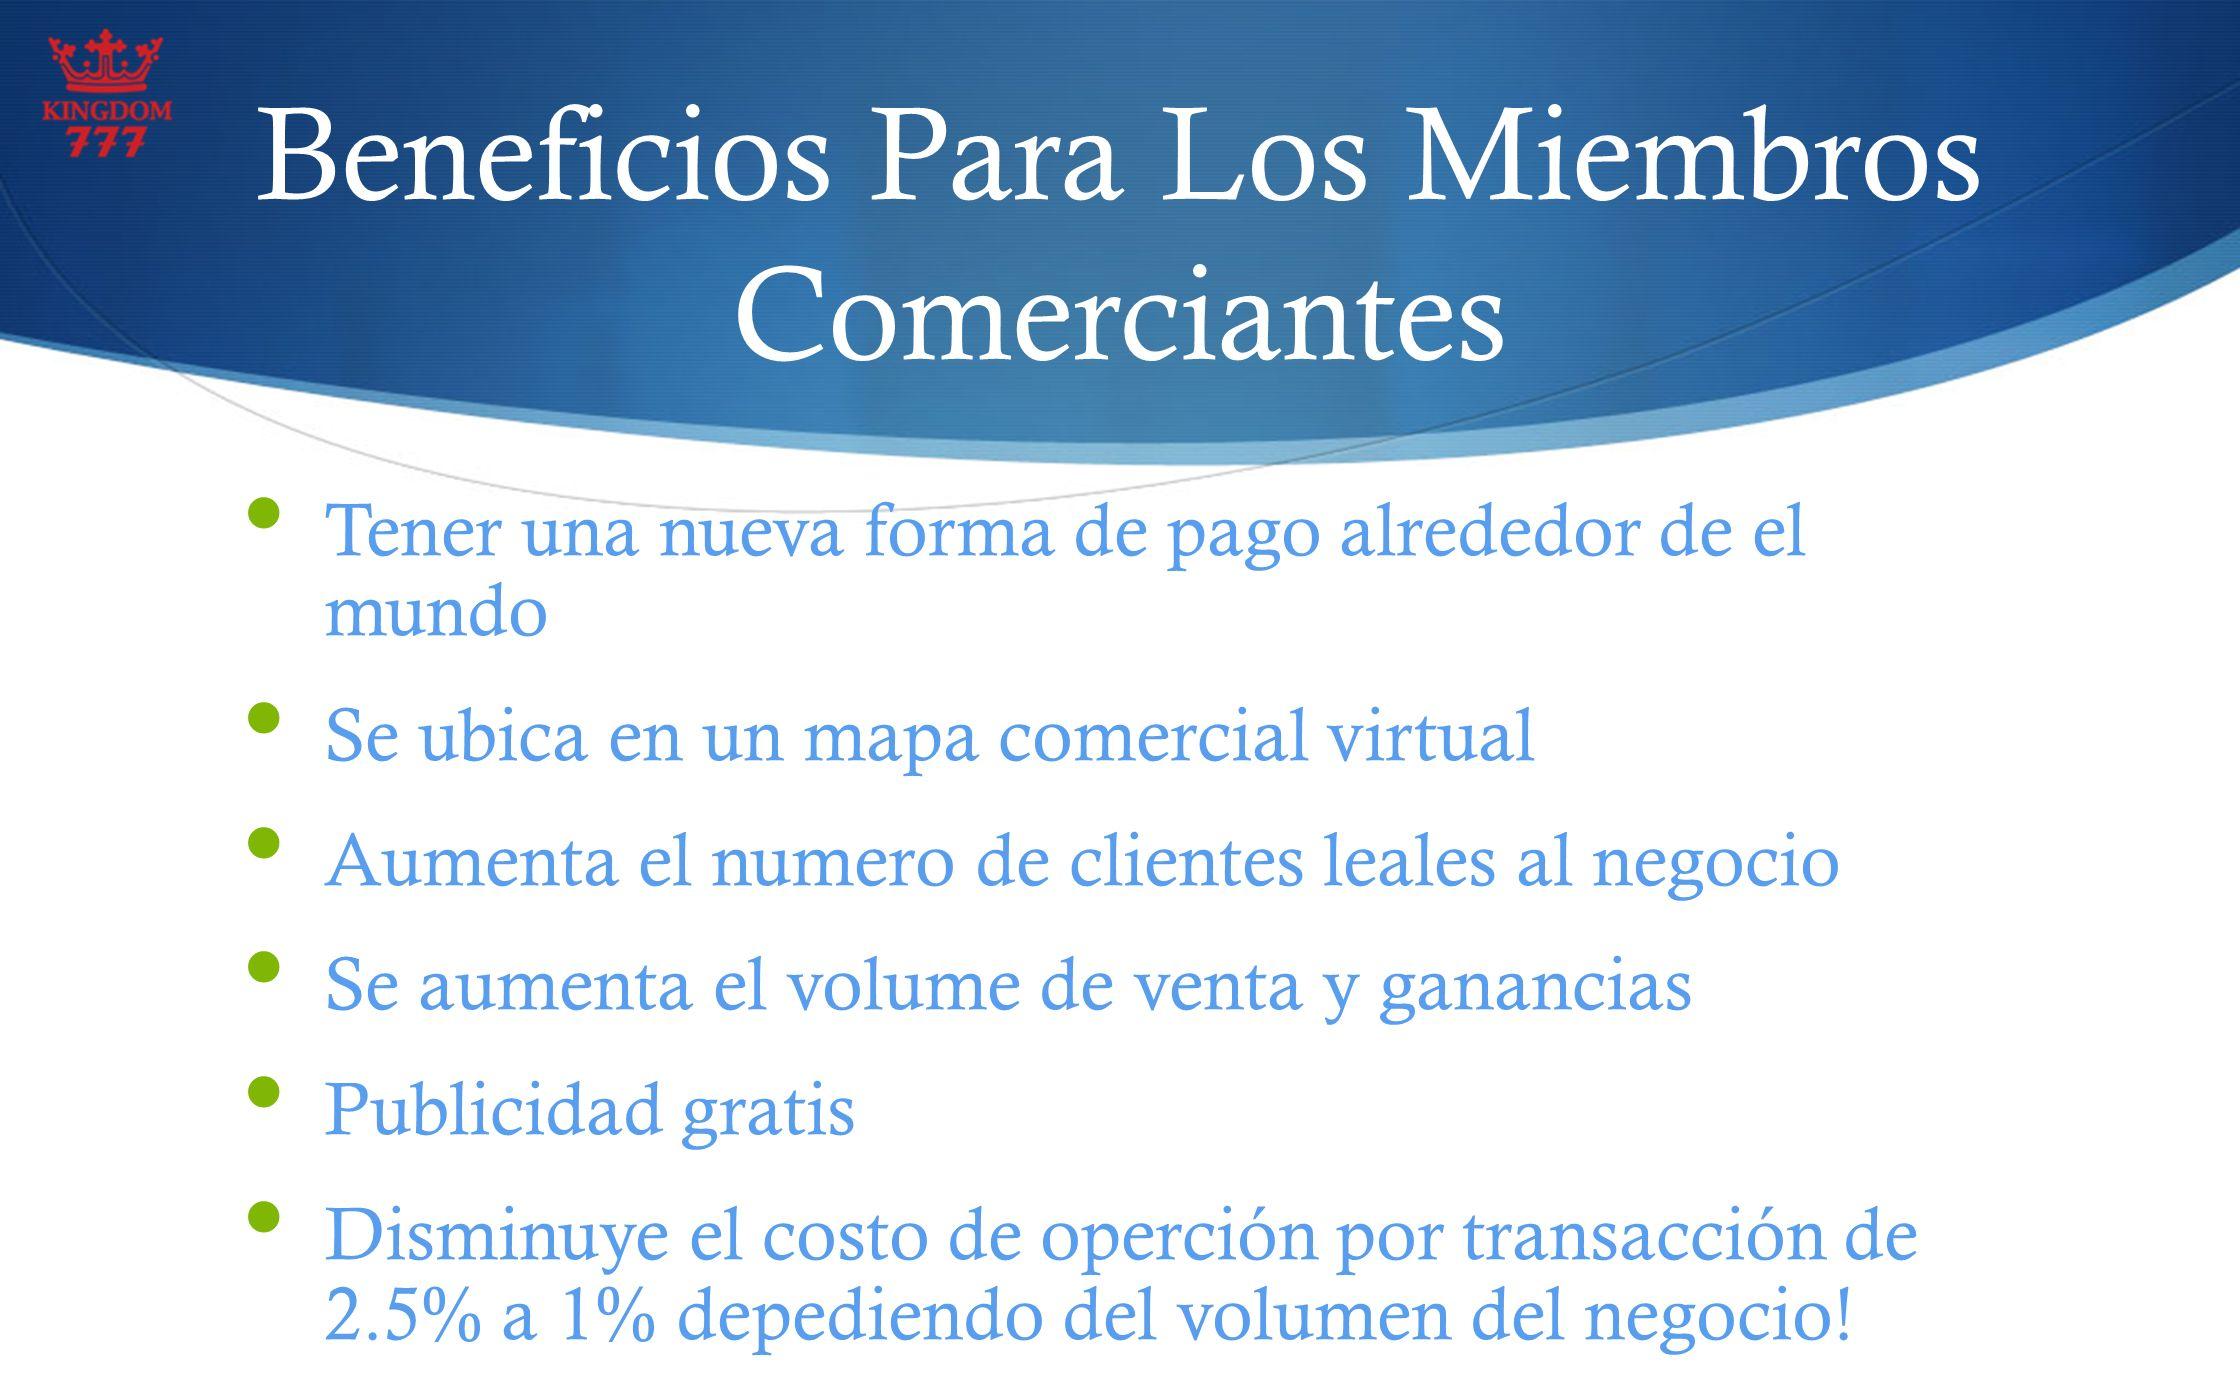 Beneficios Para Los Miembros Comerciantes Tener una nueva forma de pago alrededor de el mundo Se ubica en un mapa comercial virtual Aumenta el numero